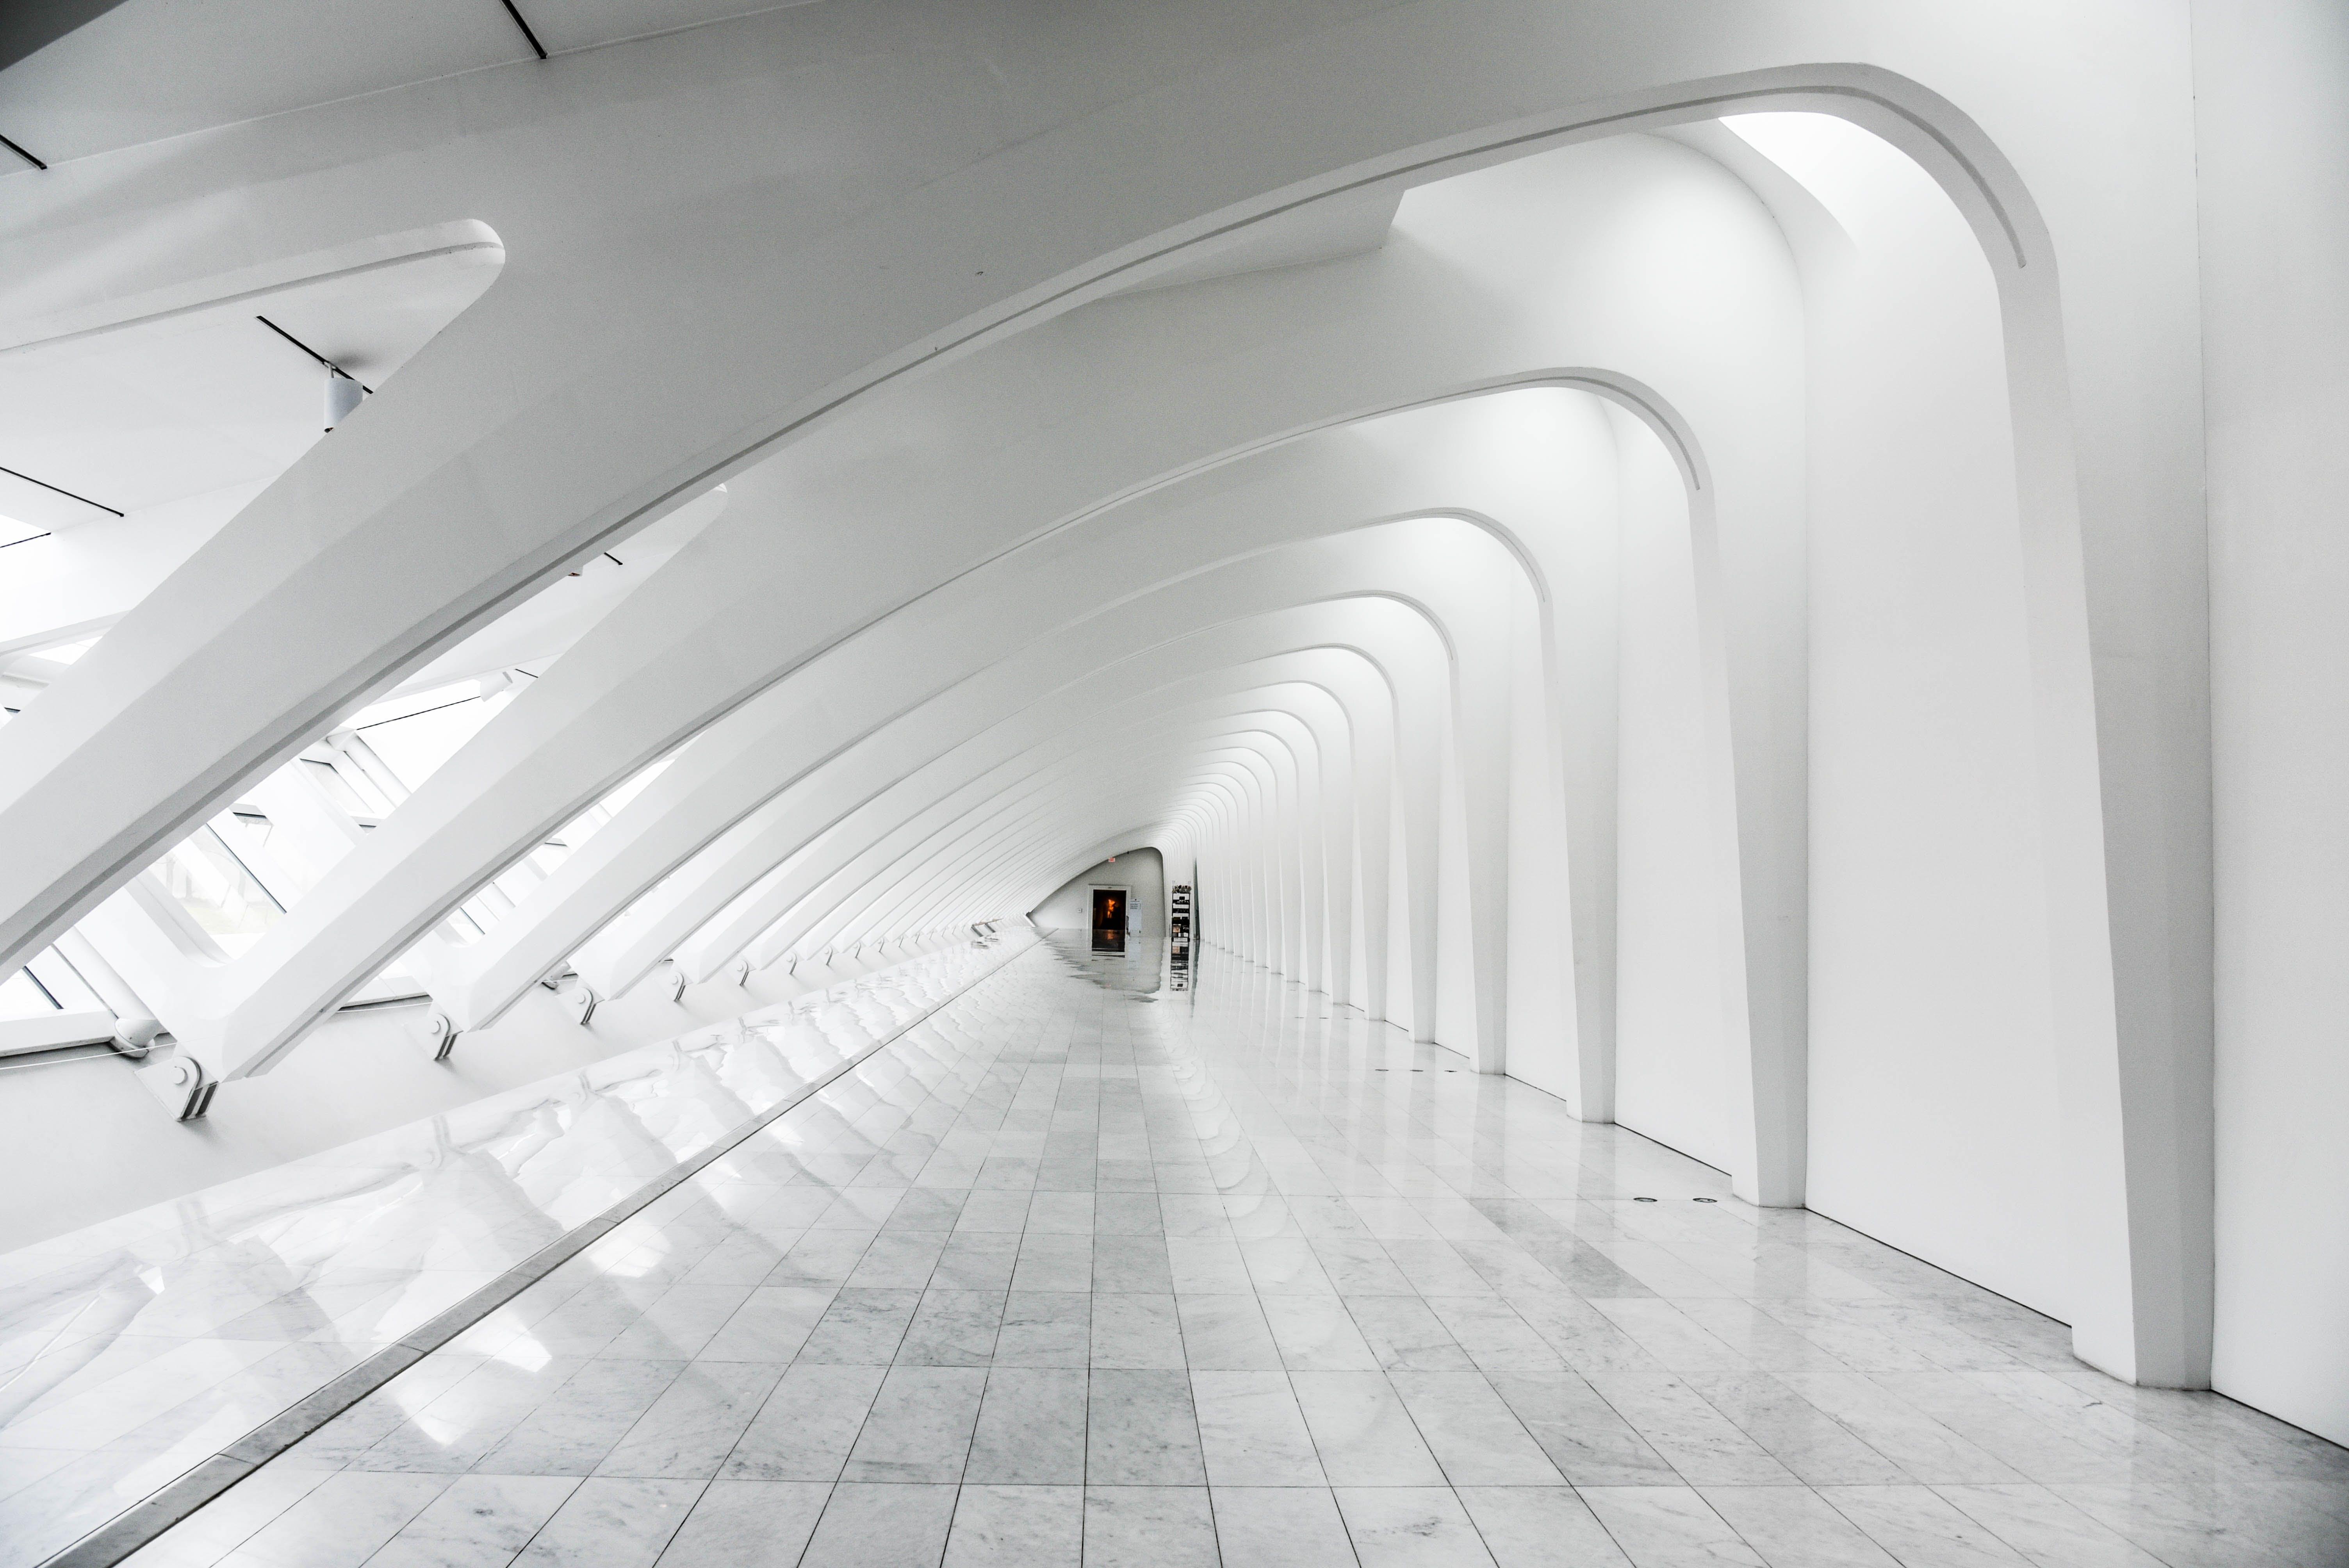 Foto stok gratis arsitek, Arsitektur, dalam ruangan, Desain